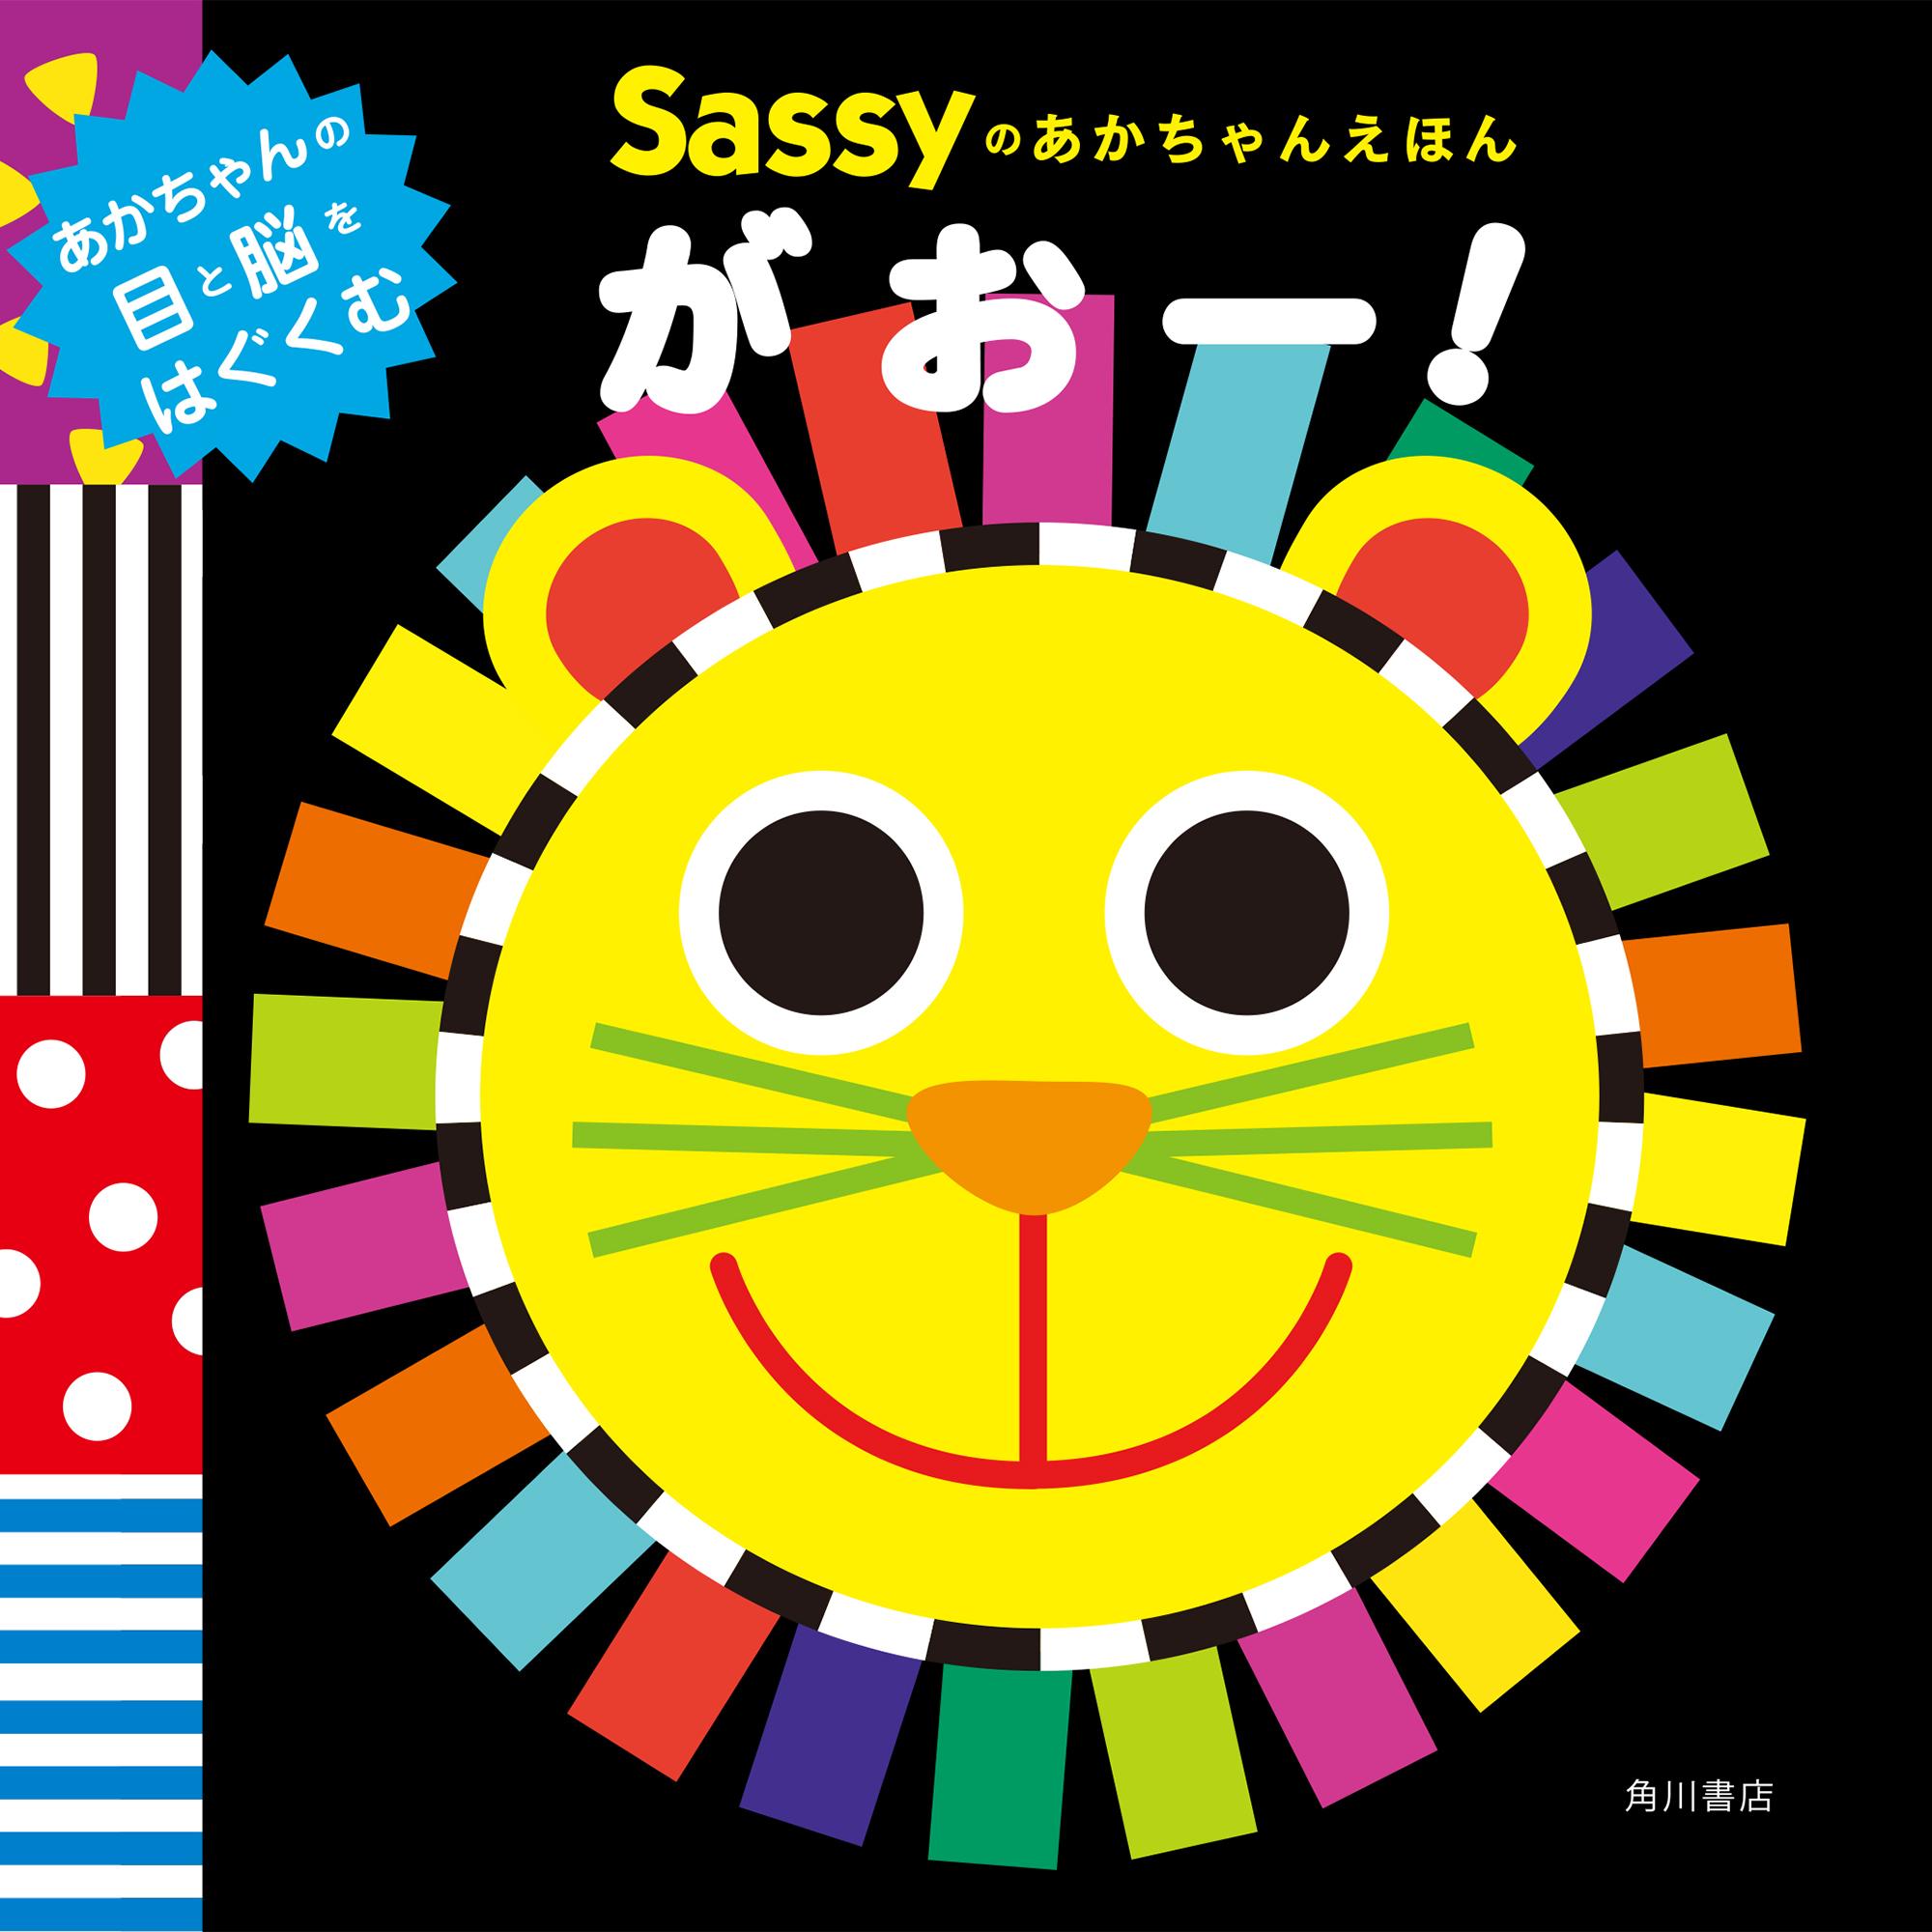 Sassyのあかちゃんえほん がおー!